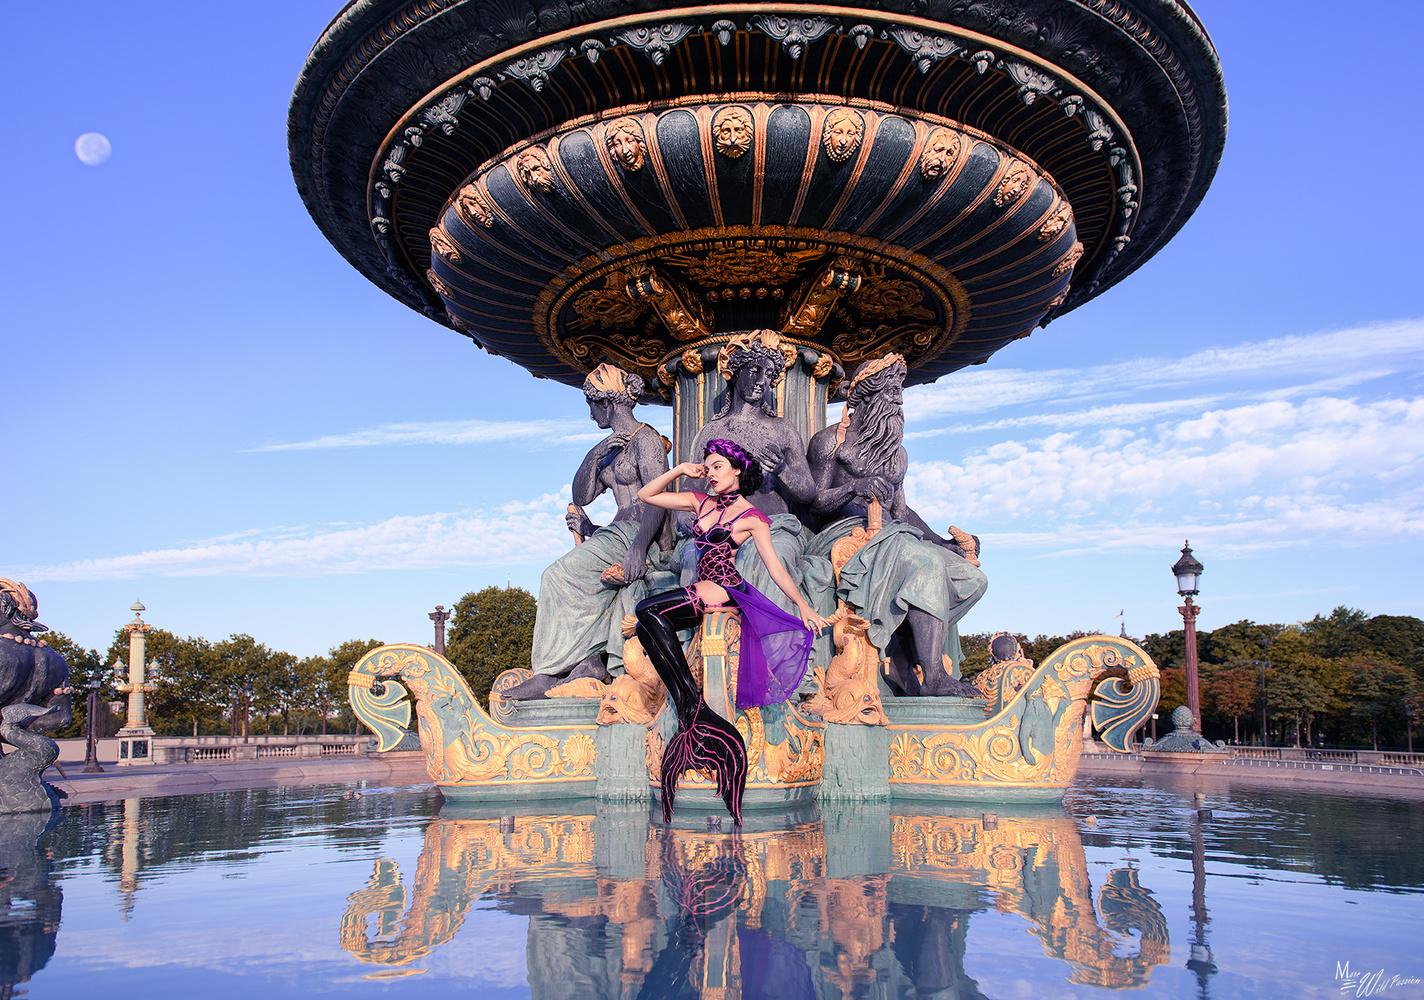 Mermaids in Paris by Marc lamey